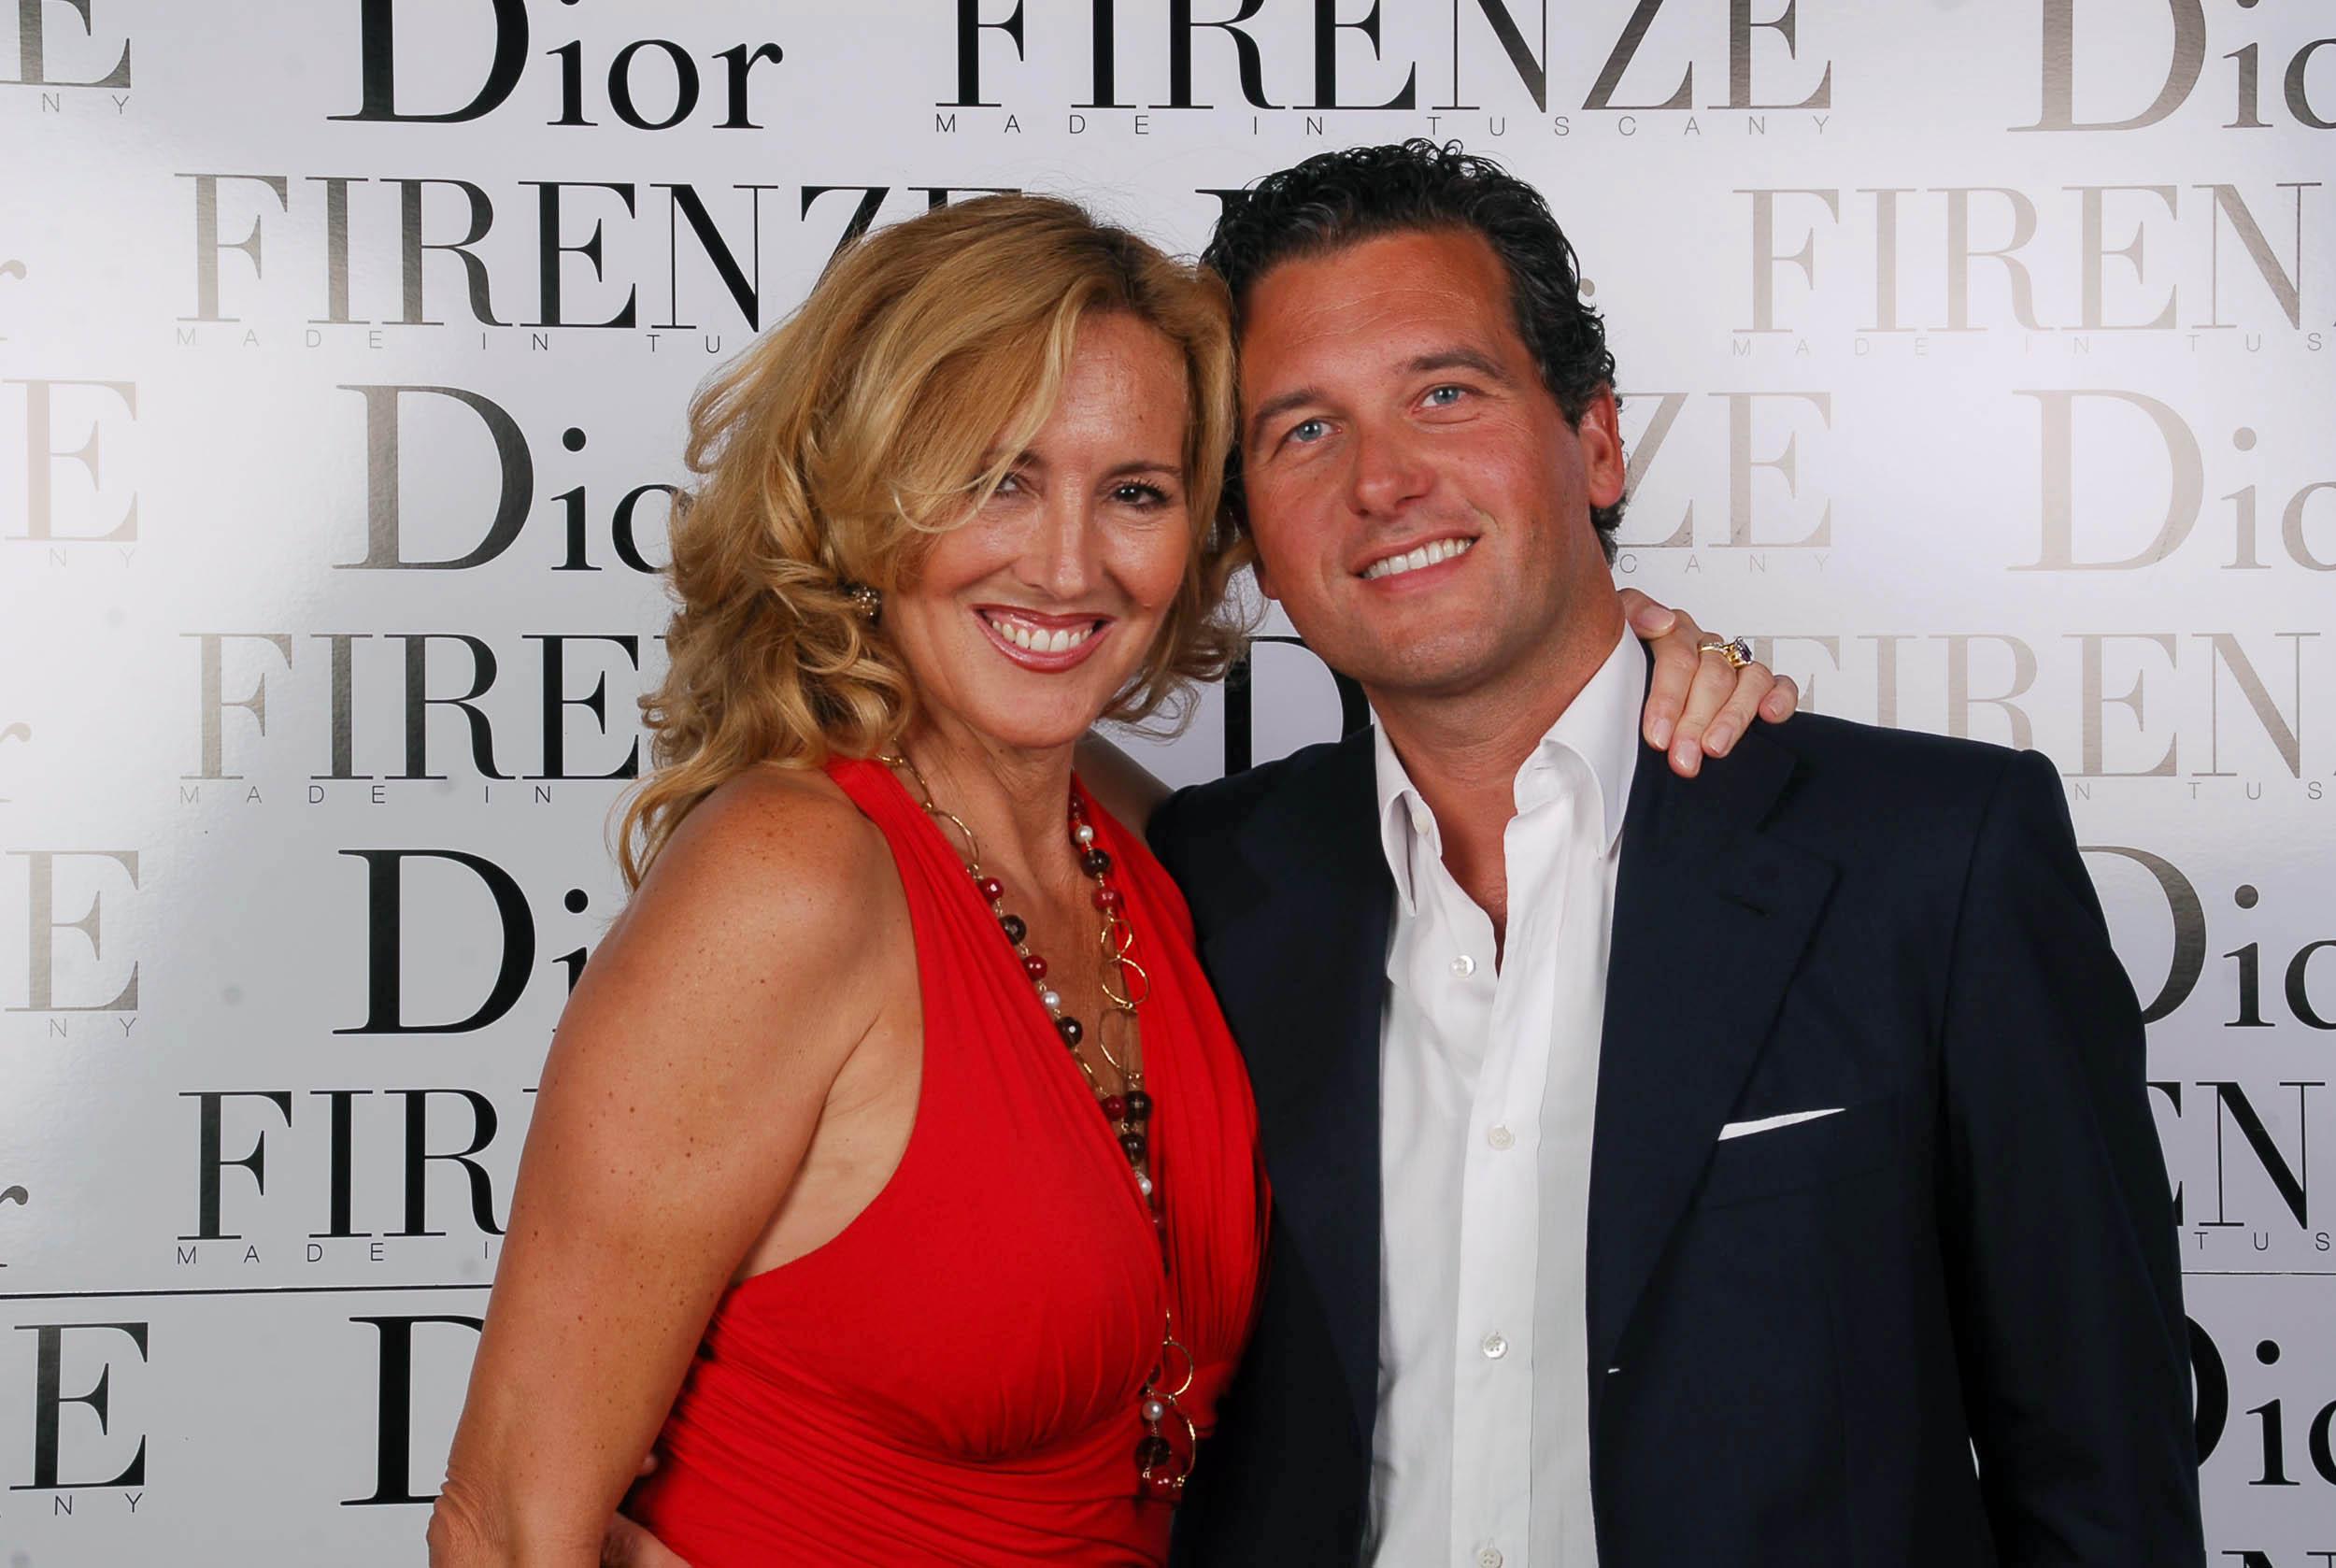 PRESSPHOTO  Firenze, evento Dior al teatro romano di Fiesole. Nella foto Pier e Jacqueline